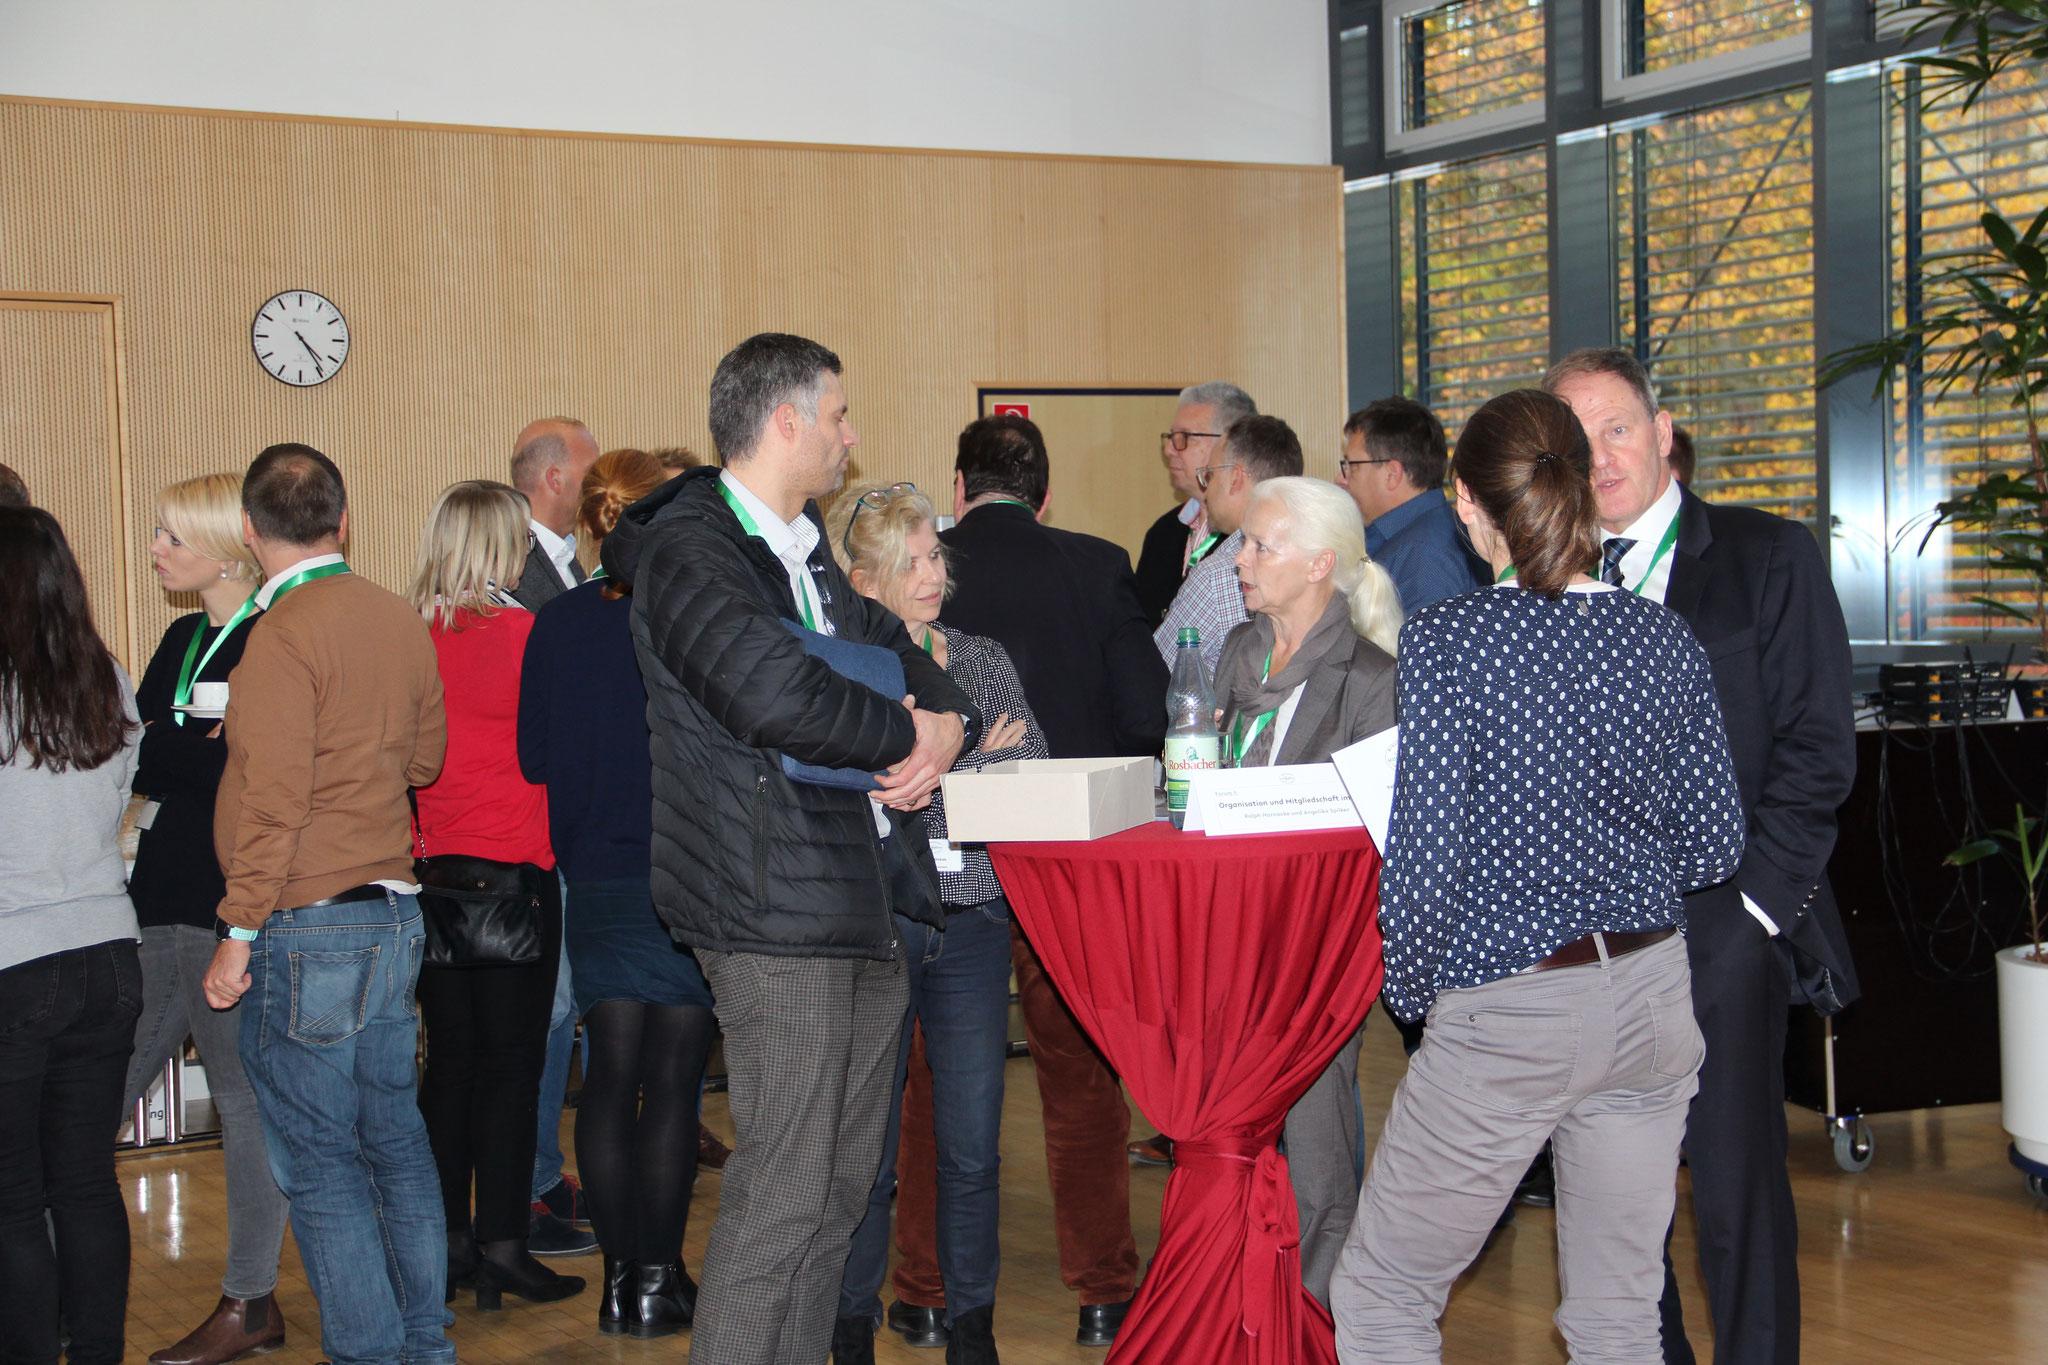 anregende Diskussionen an den Thementischen mit Raum für Networking